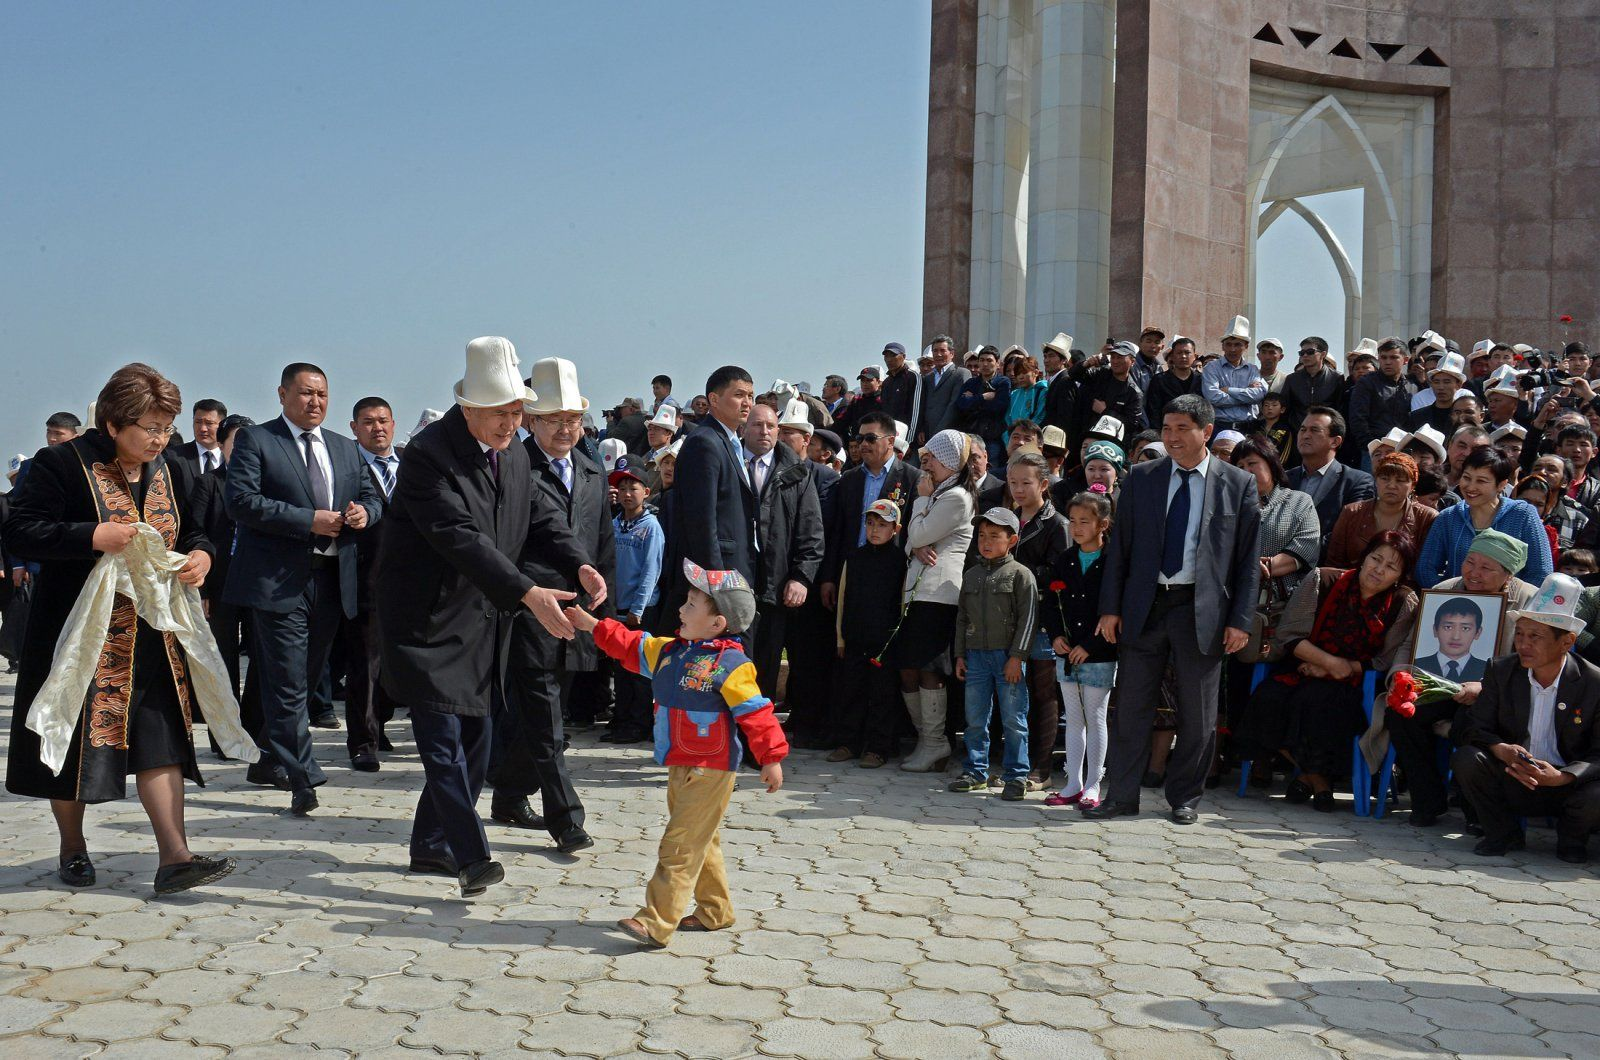 Atambajew bei Ata-Bejit am Jahrestag der Revolution von 2010